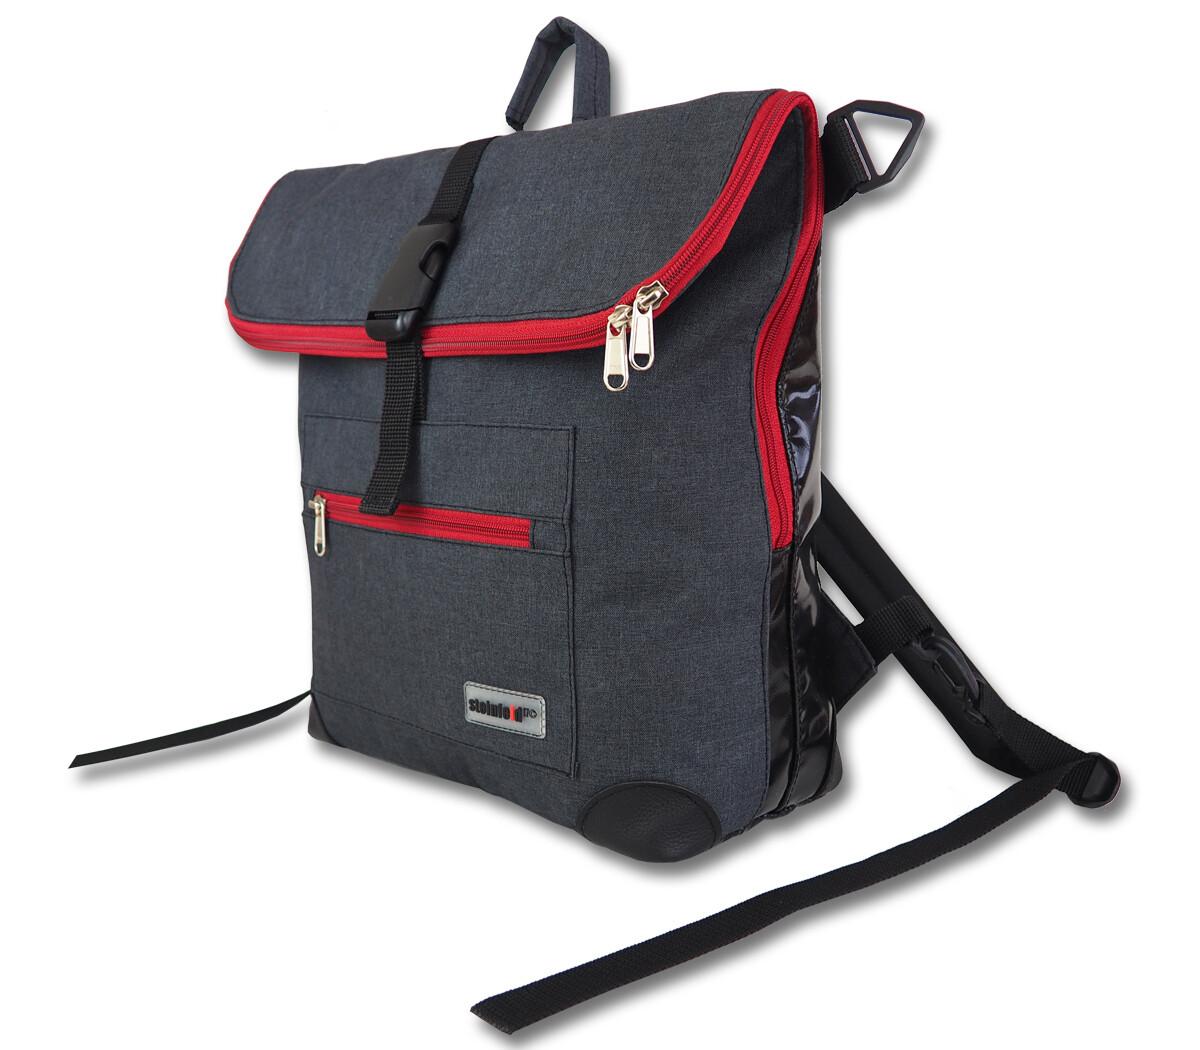 Gepäckträgertasche Radl-Ivy, die Große, PES/PVC-Plane-anthrazit-schwarz-rot